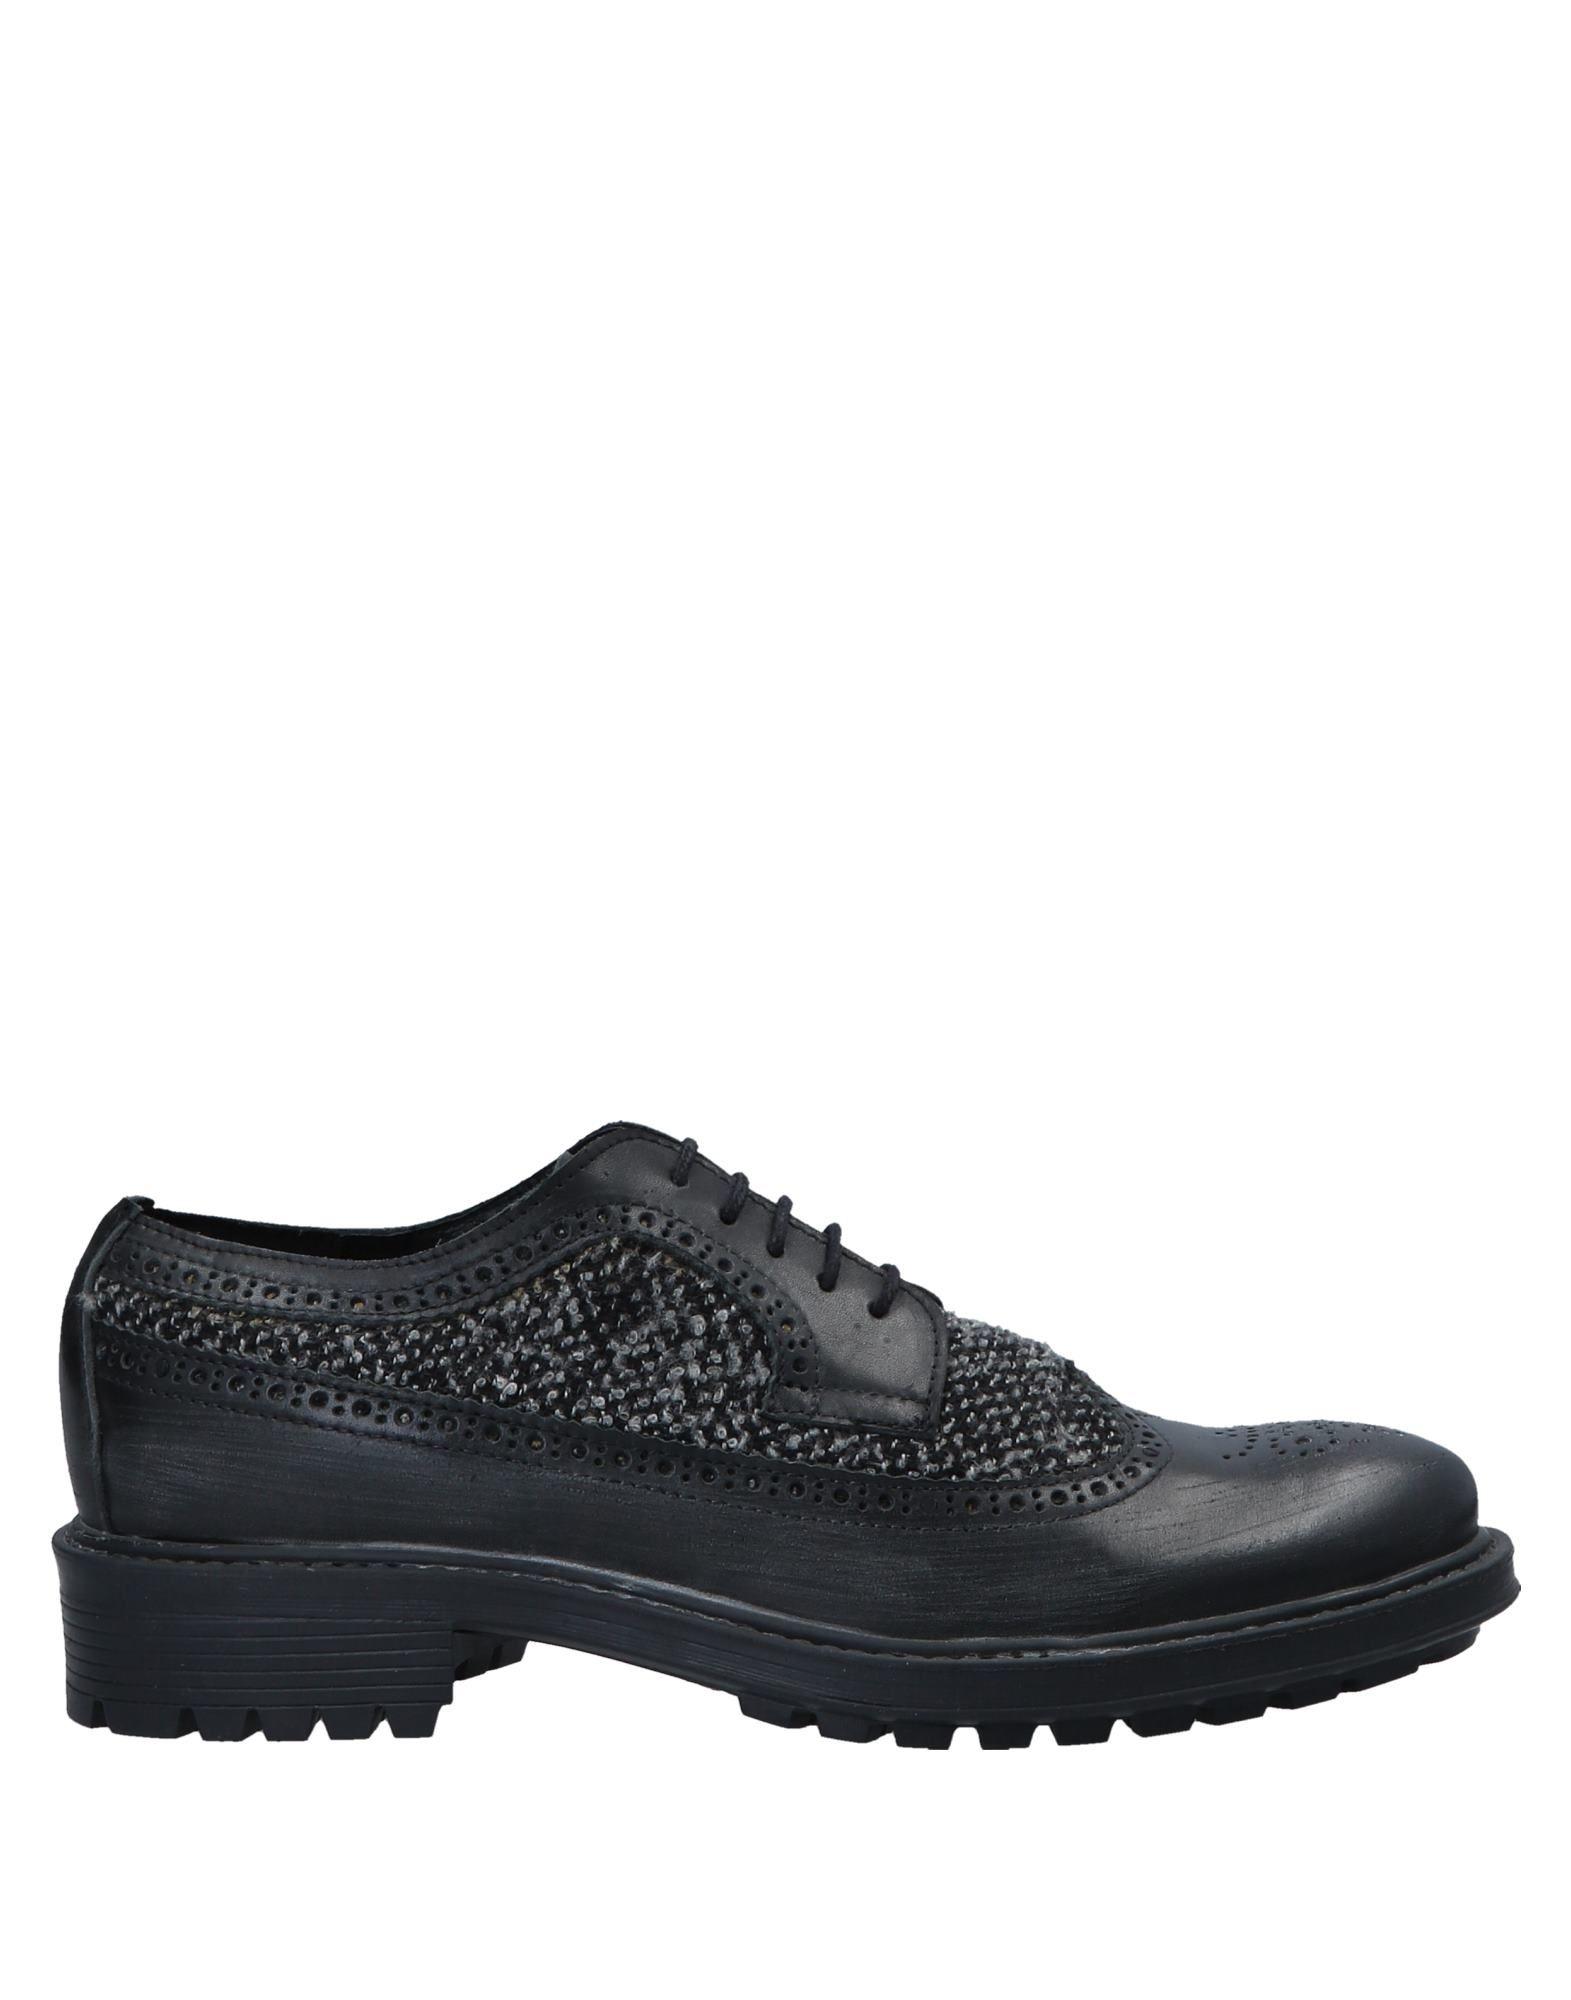 TDL COLLECTION Обувь на шнурках produino biss0001 tdl 718b human body sensing module green black